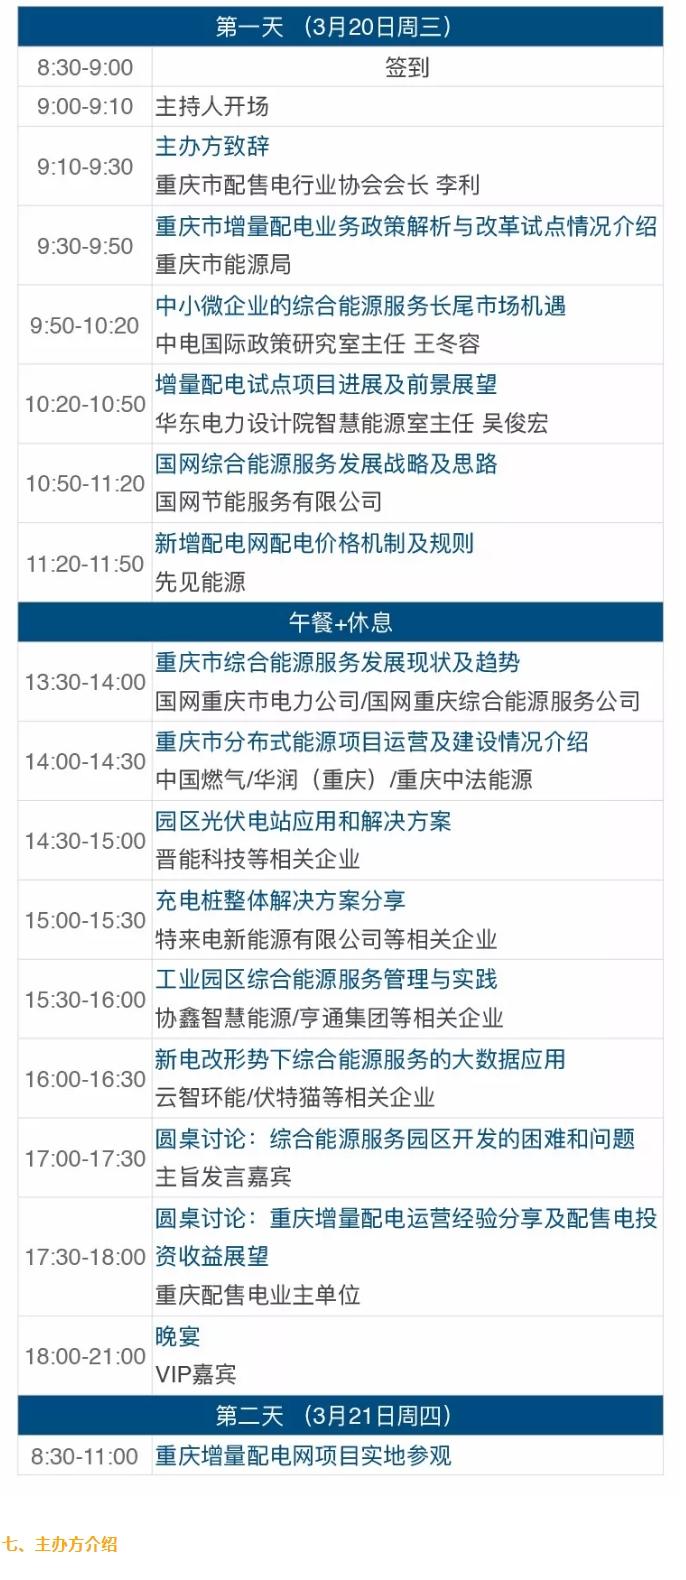 重庆综合能源服务研讨会即将召开 含项目实地参观考察